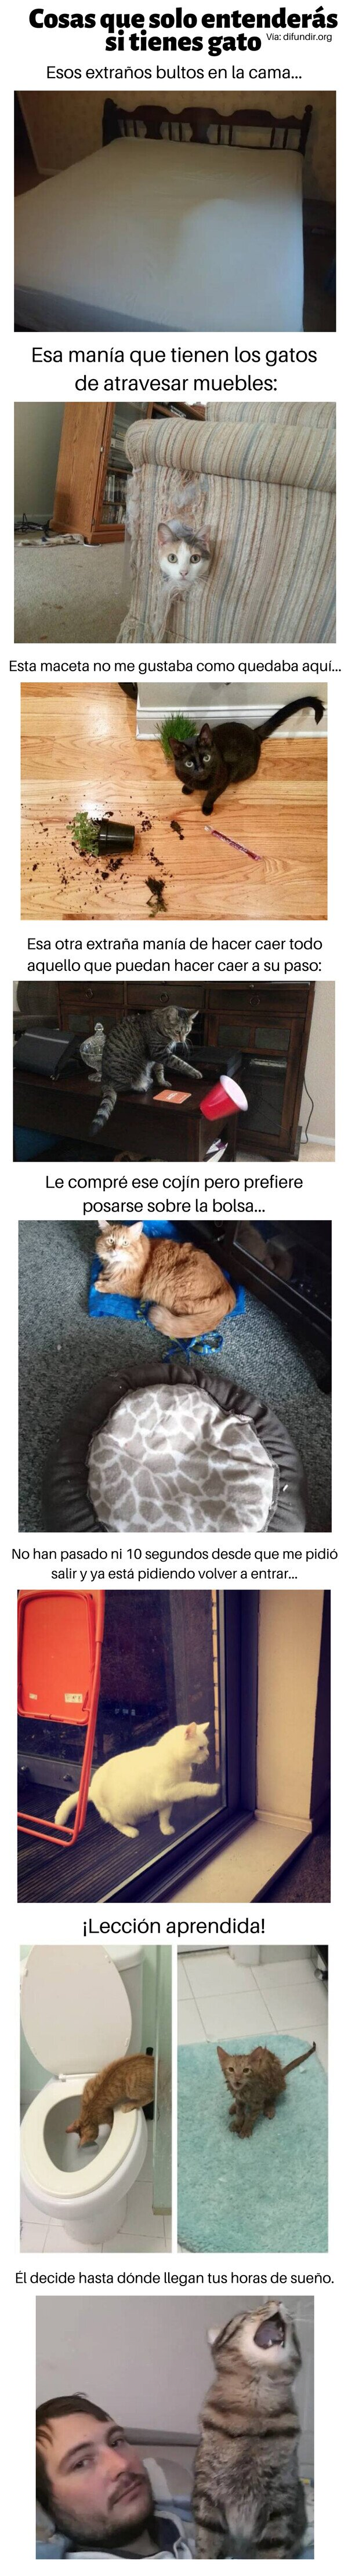 Meme_otros - Cosas que solo entenderás si tienes gato